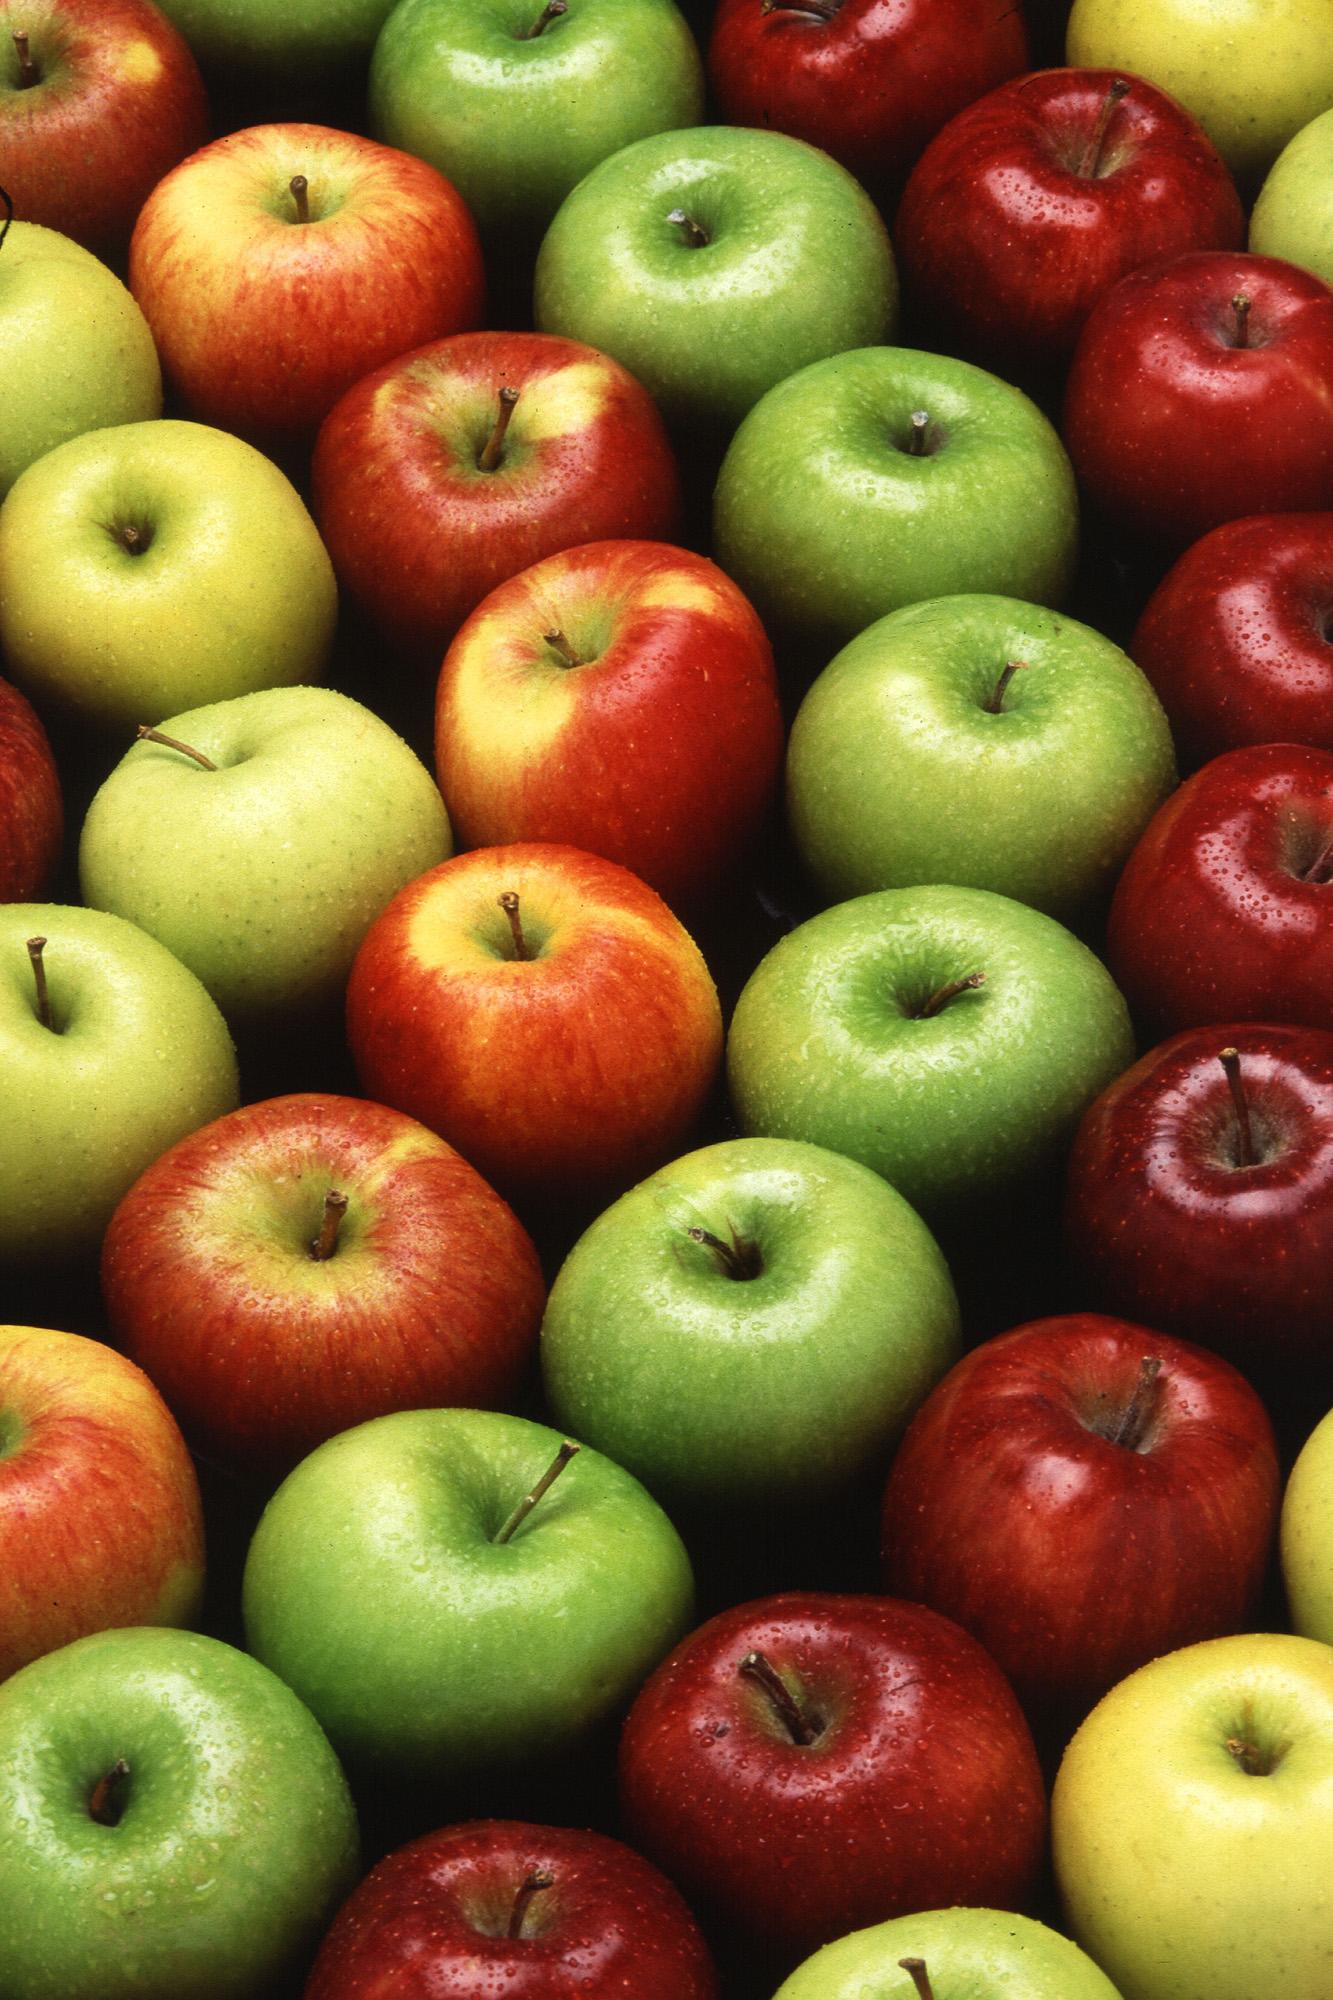 La mela propriet e benefici - Immagini stampabili di mele ...